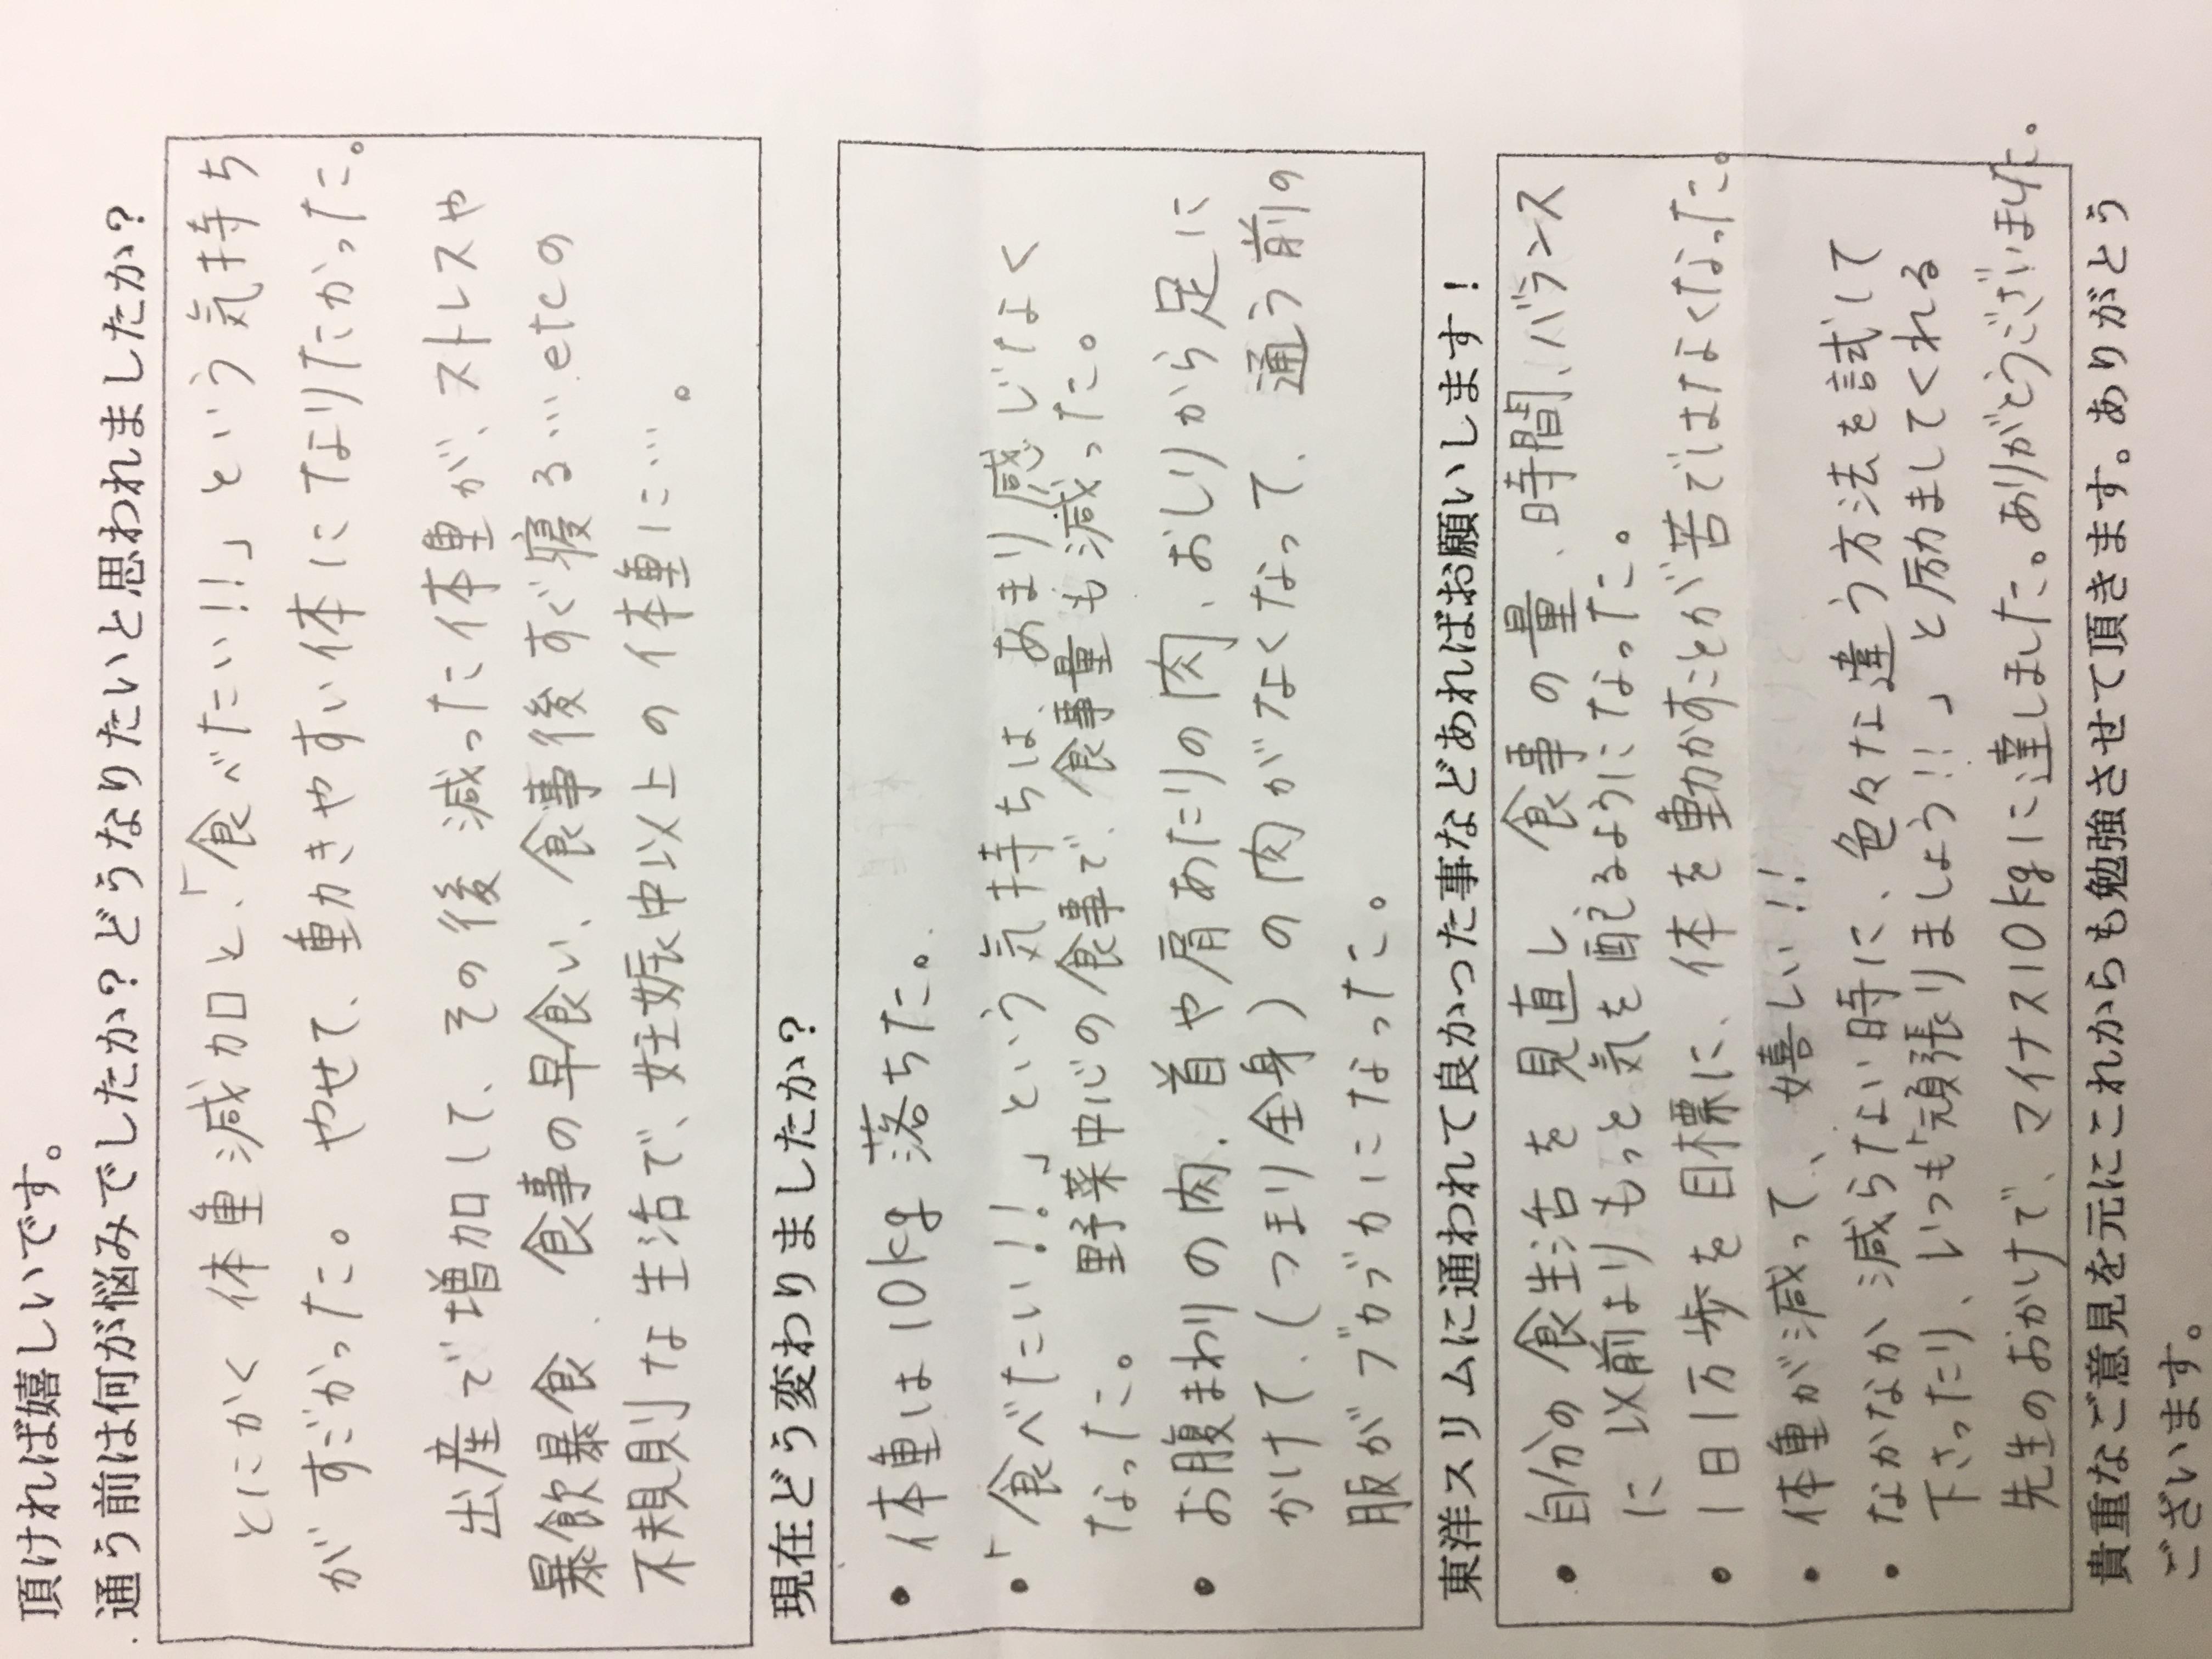 大阪府柏原市Mさん39才耳ツボ痩身法10kgダイエット